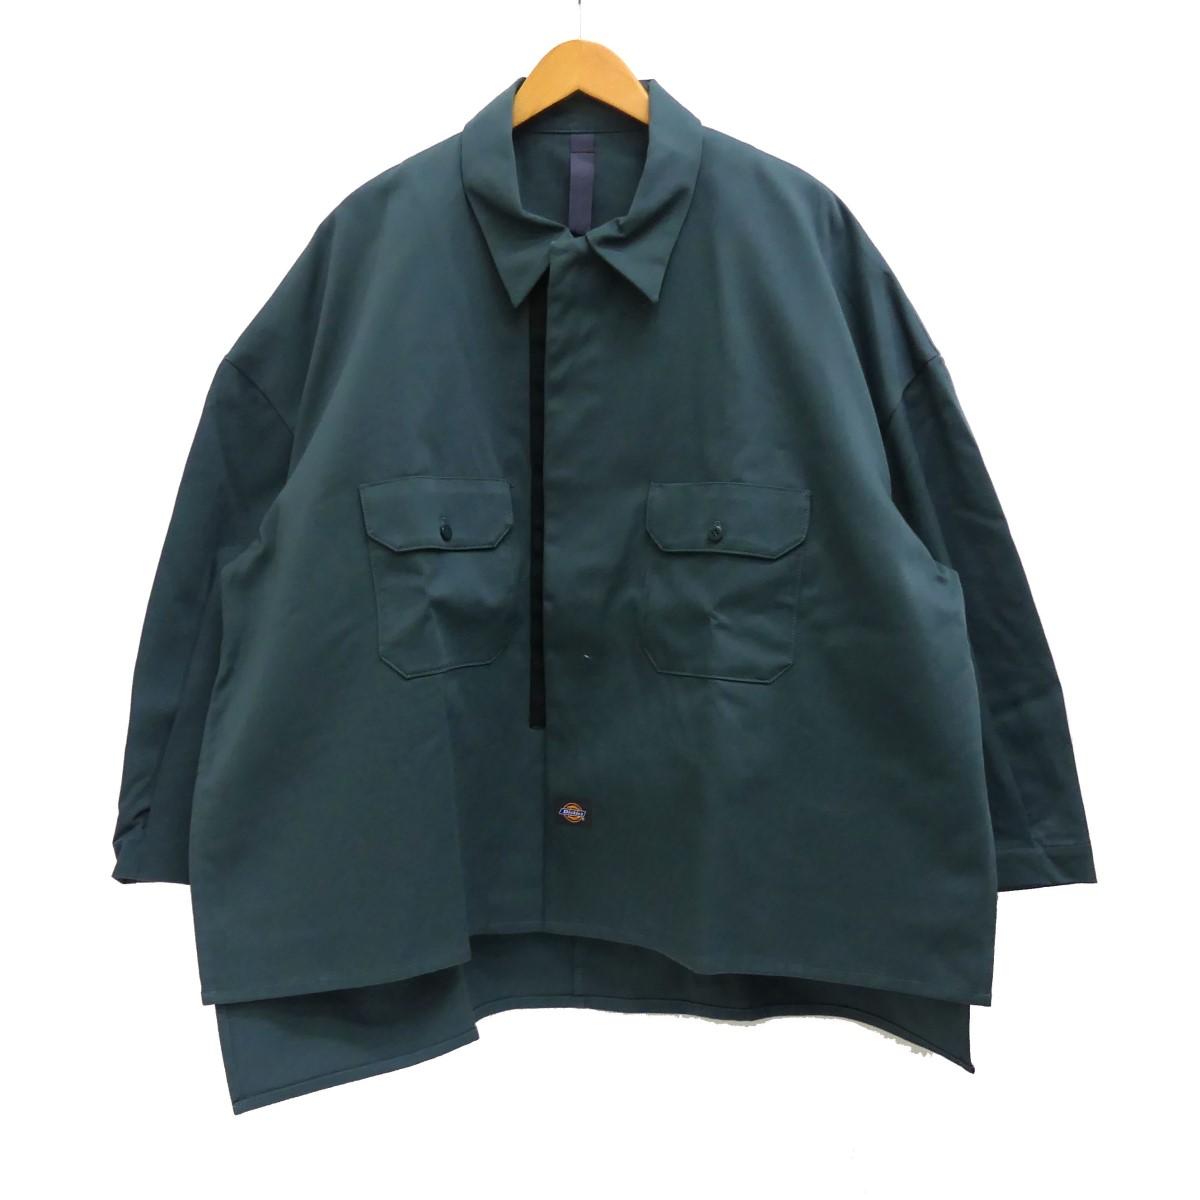 【中古】SHINYA KOZUKAWork Shirt-Ish Jacket With Dickies ワークシャツジャケット ブルーグリーン サイズ:S 【5月14日見直し】